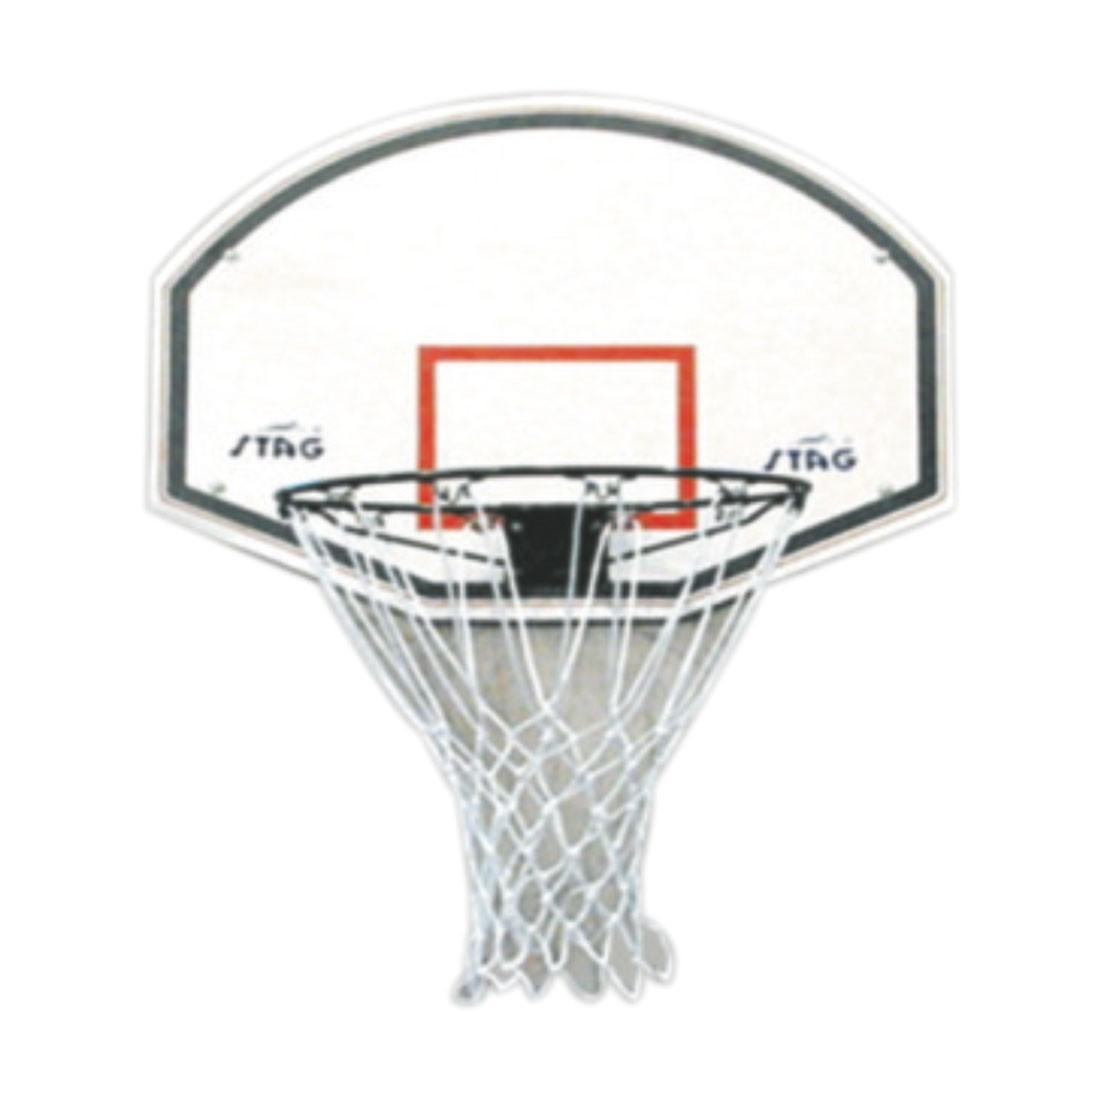 Basket ball board